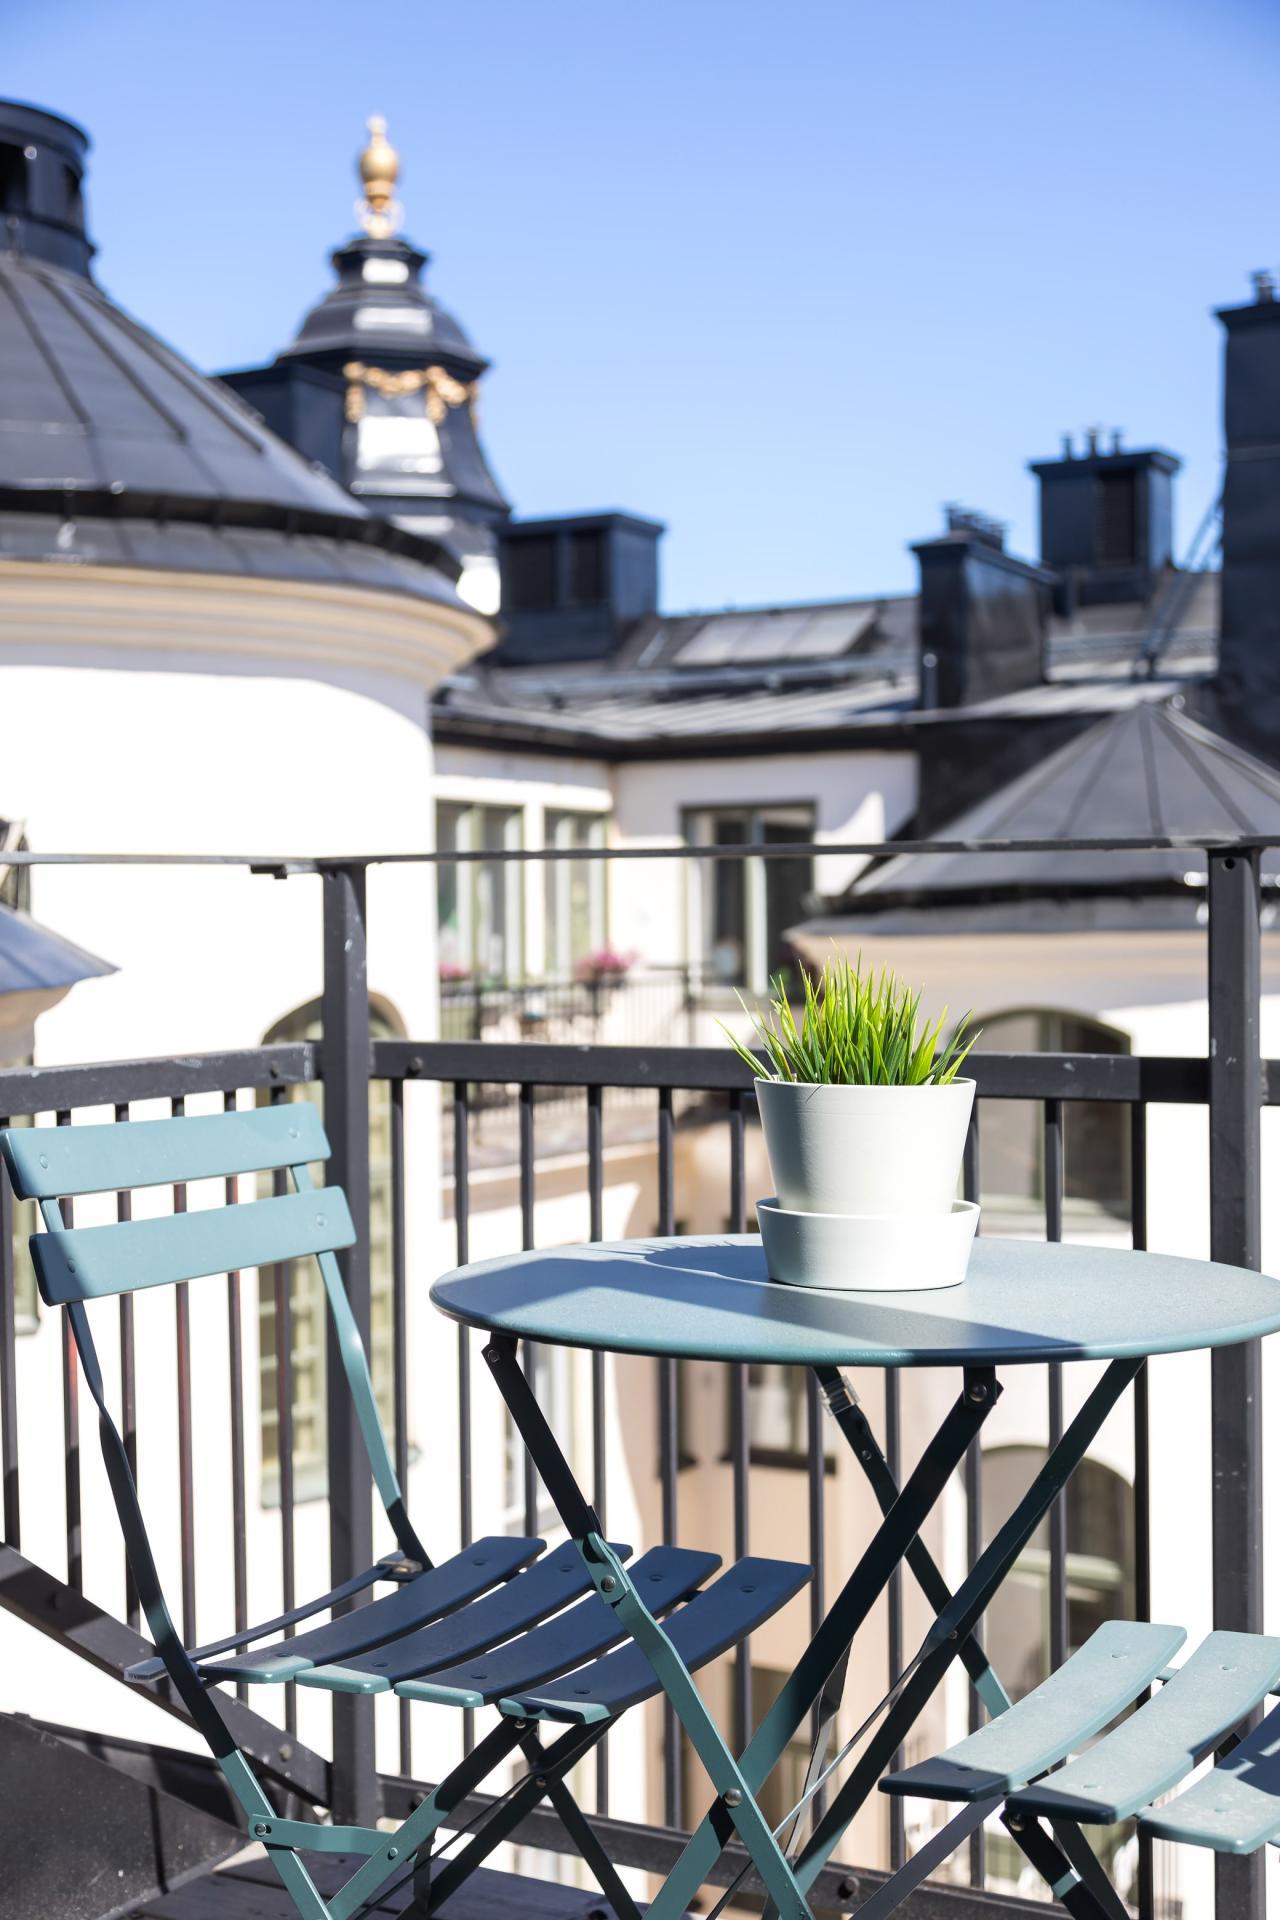 Balcony view at Nybergsgatan Apartments